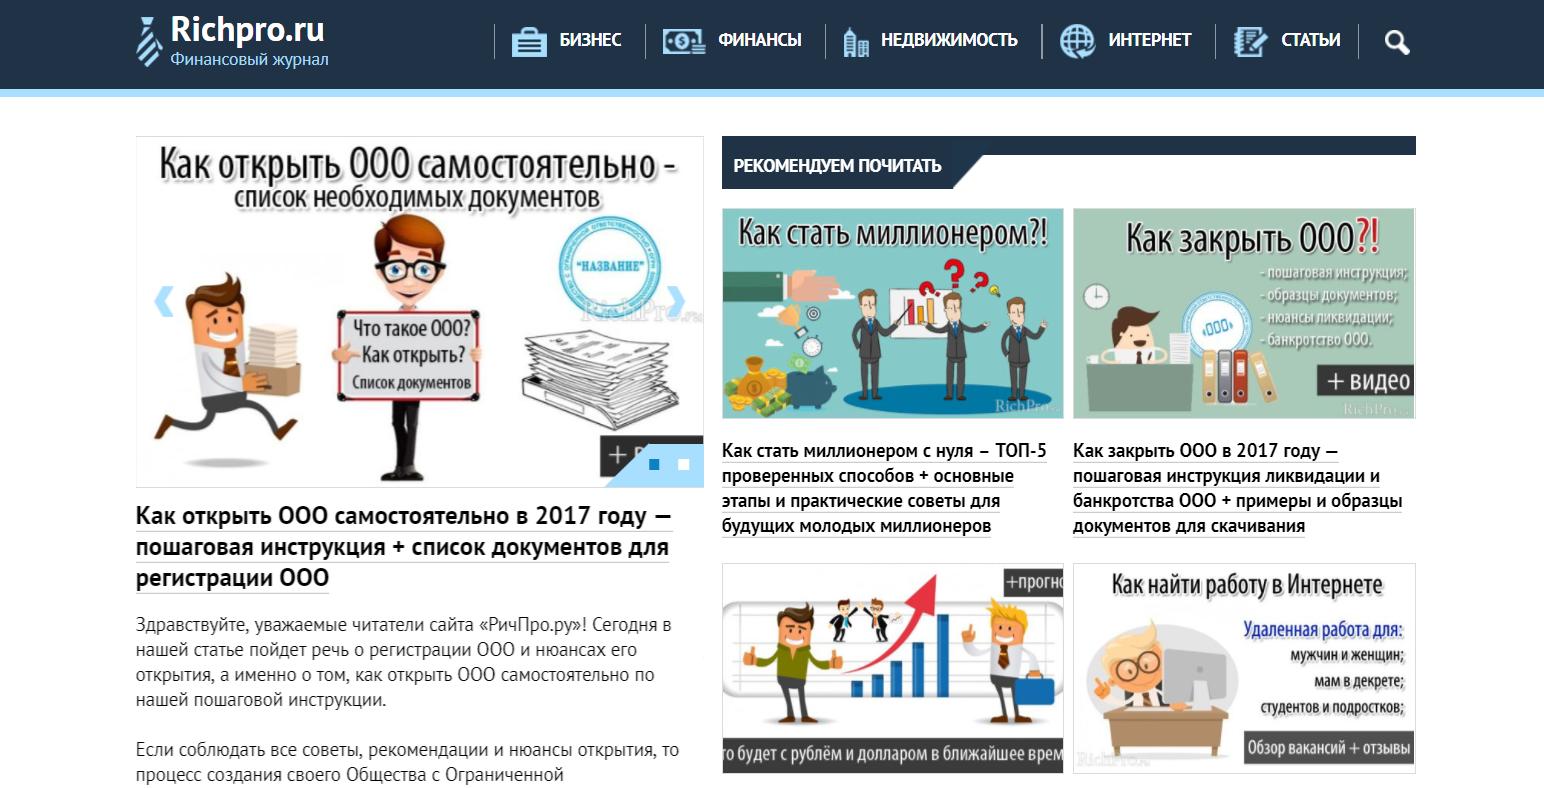 Открытие фирмы ооо пошаговая инструкция 2018